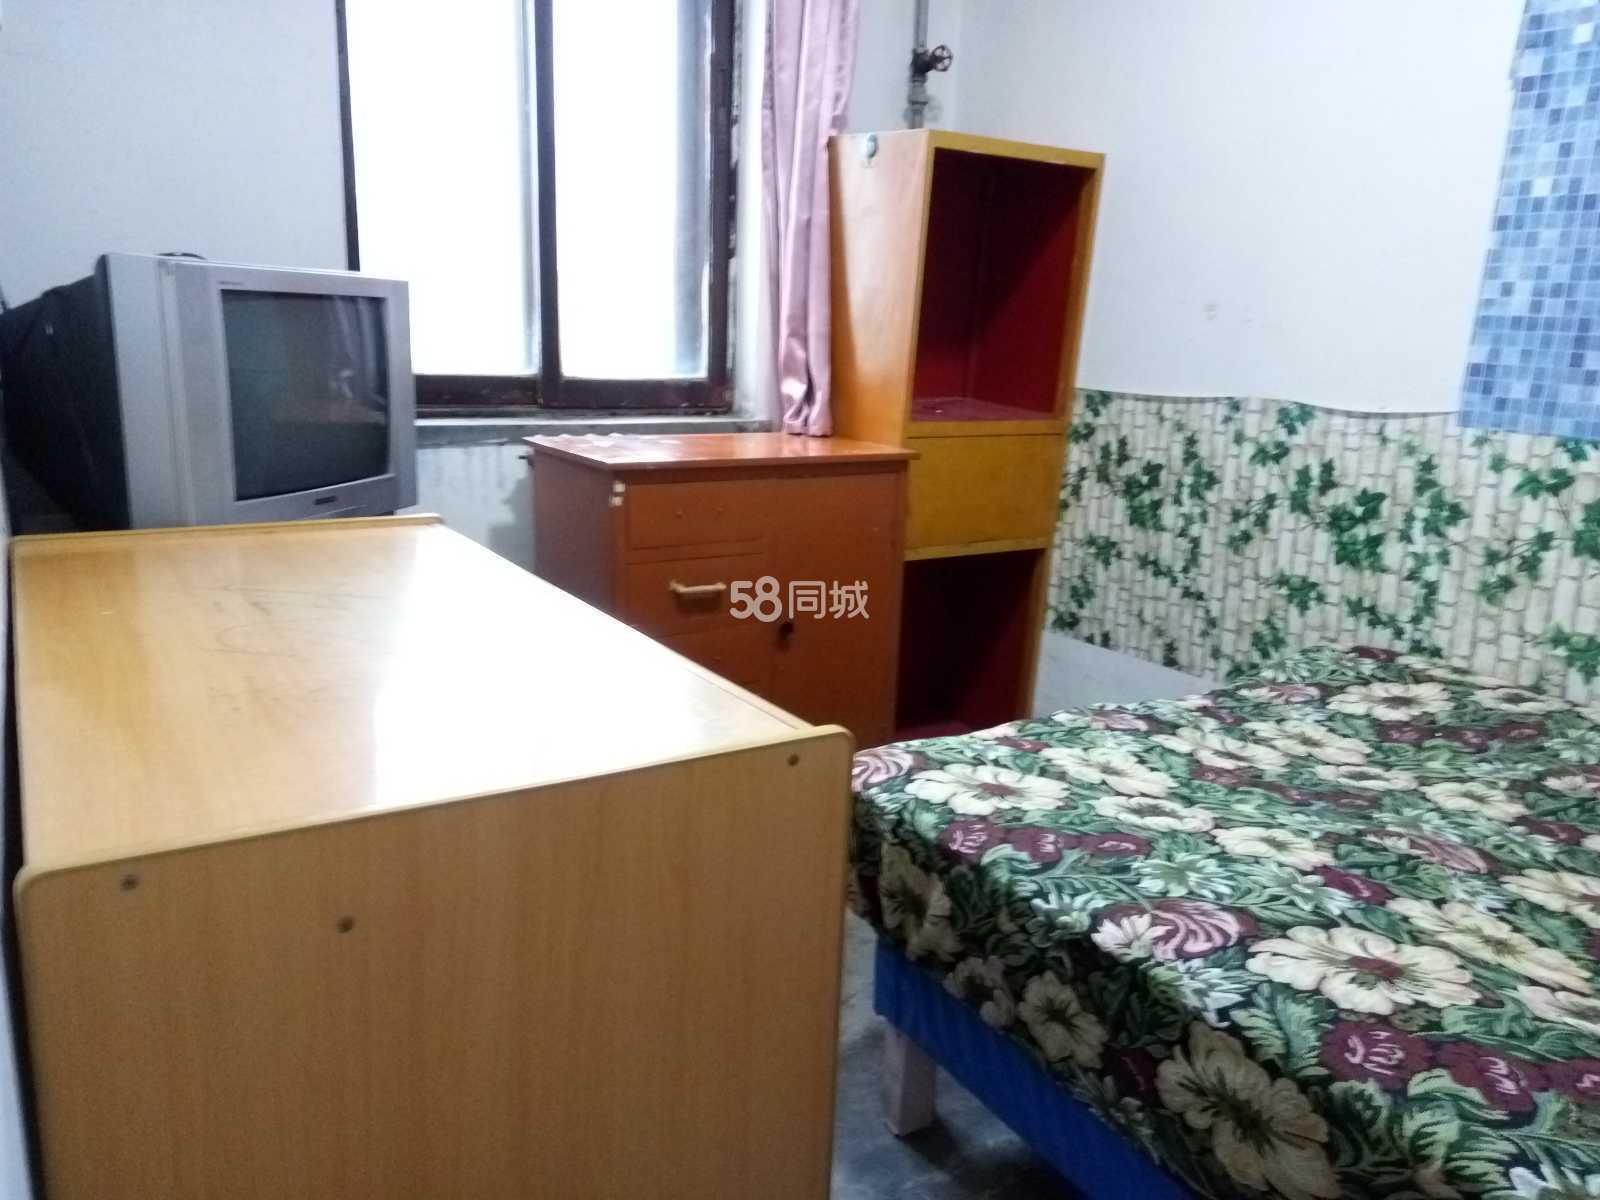 秦宝小区4室1厅可住4至7人市委南近陕中附一院215医院(个人)4室1厅1卫